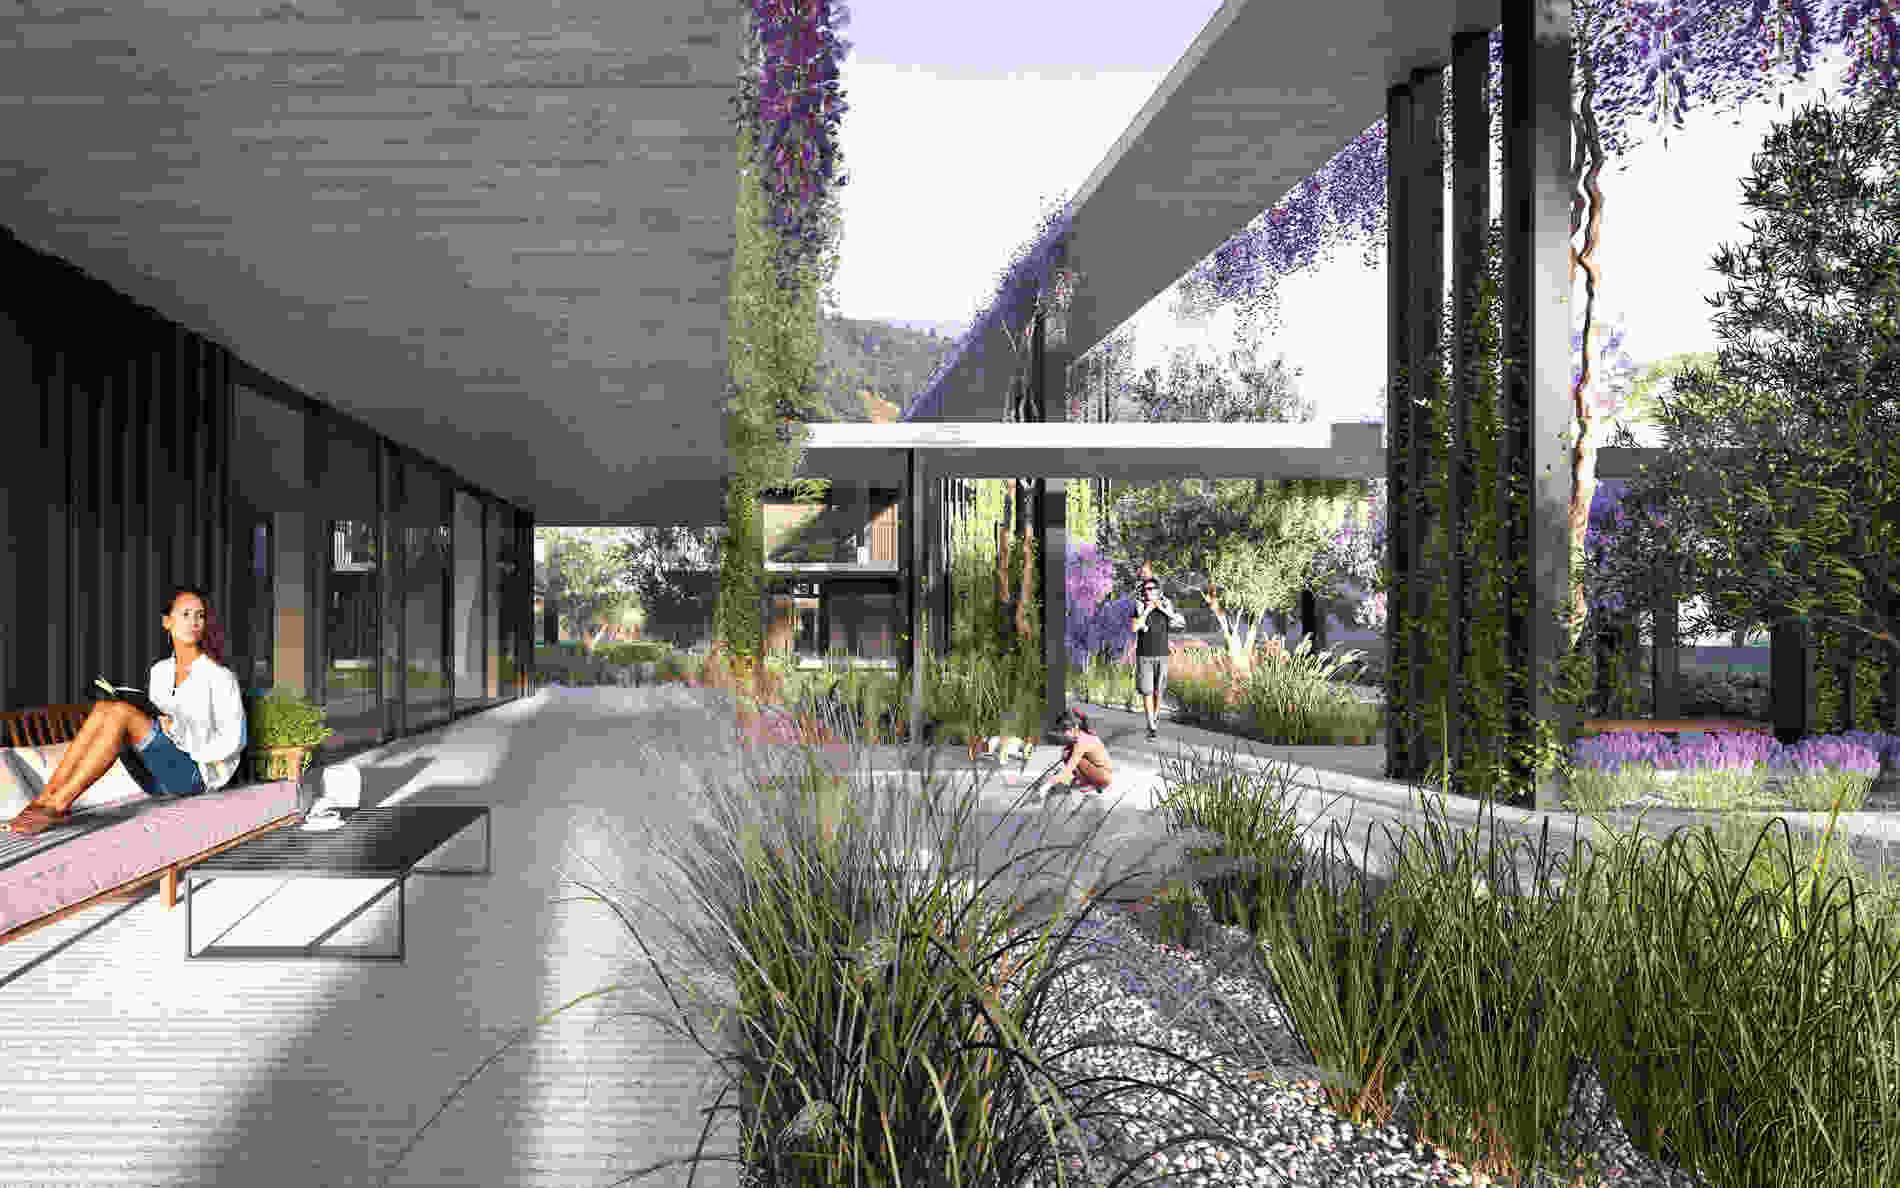 397 ANTONIANUM meran courtyard dm vis 002